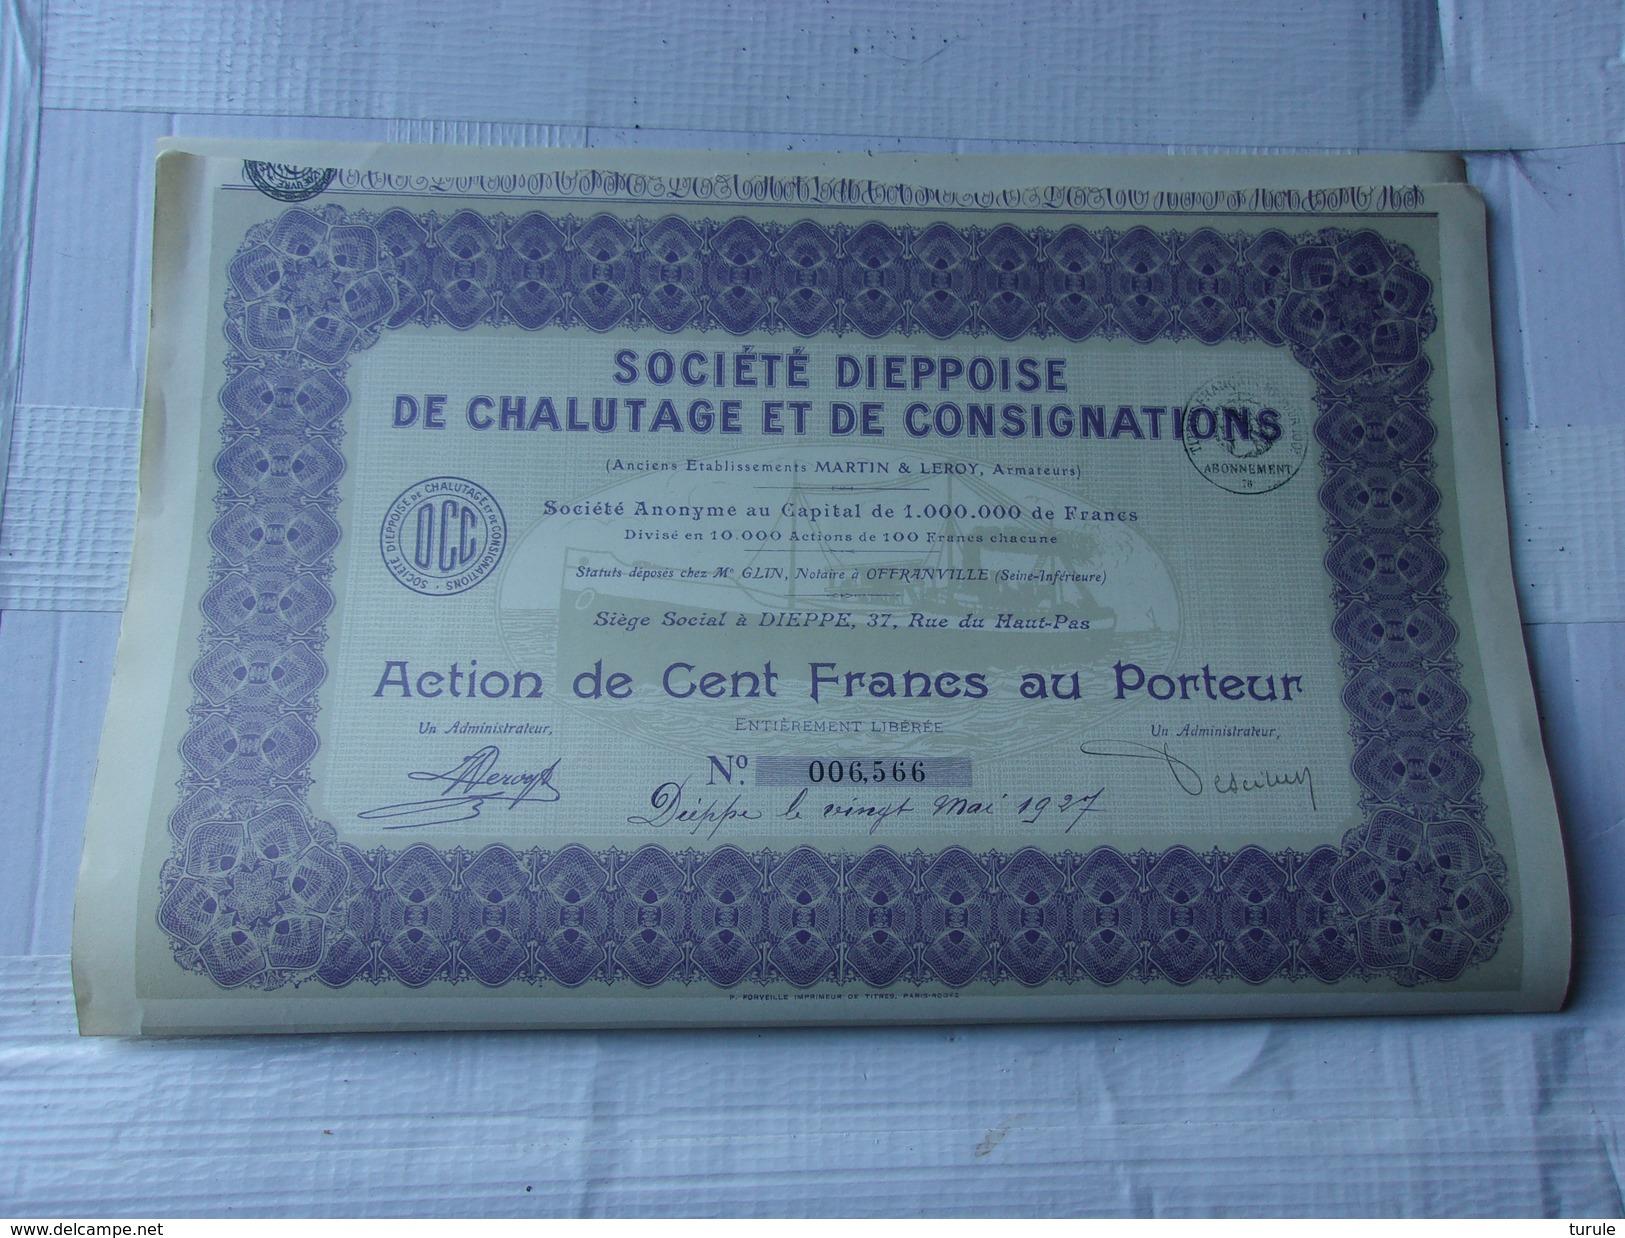 DIEPPOISE DE CHALUTAGE ET DE CONSIGNATIONS (1927) DIEPPE - Shareholdings